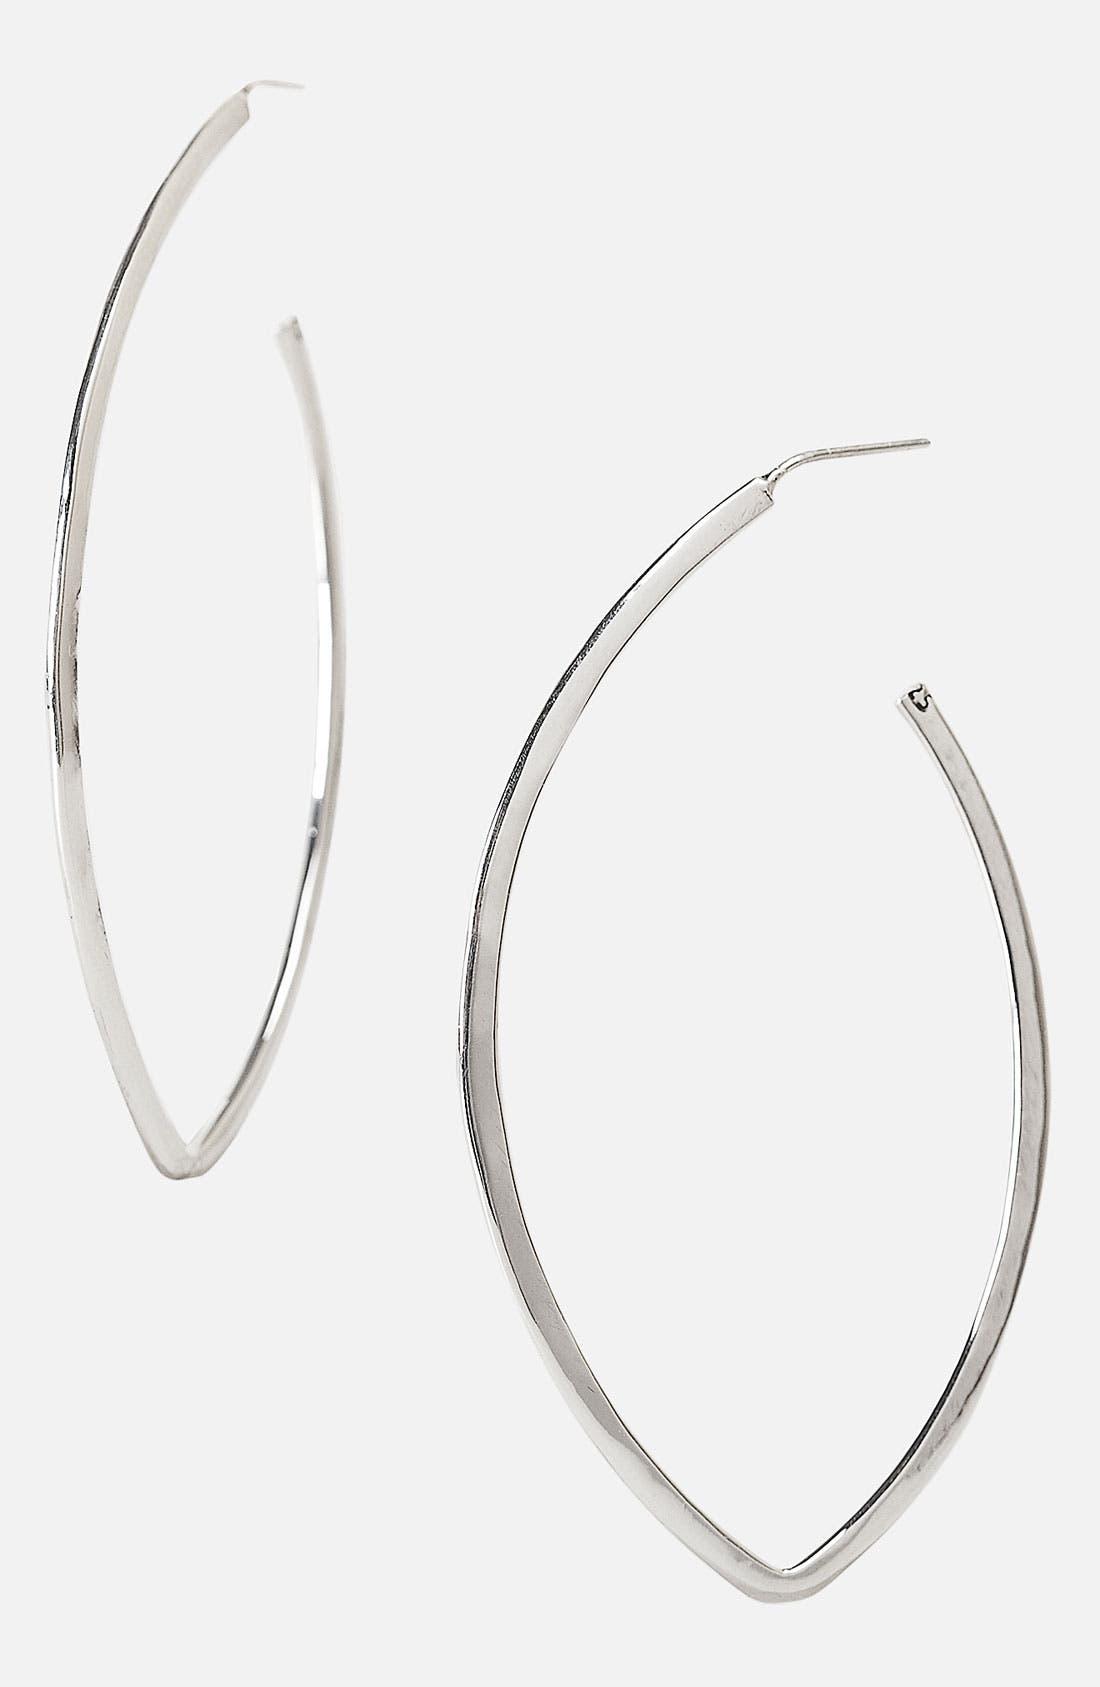 Alternate Image 1 Selected - Argento Vivo Thin Hoop Earrings (Nordstrom Exclusive)